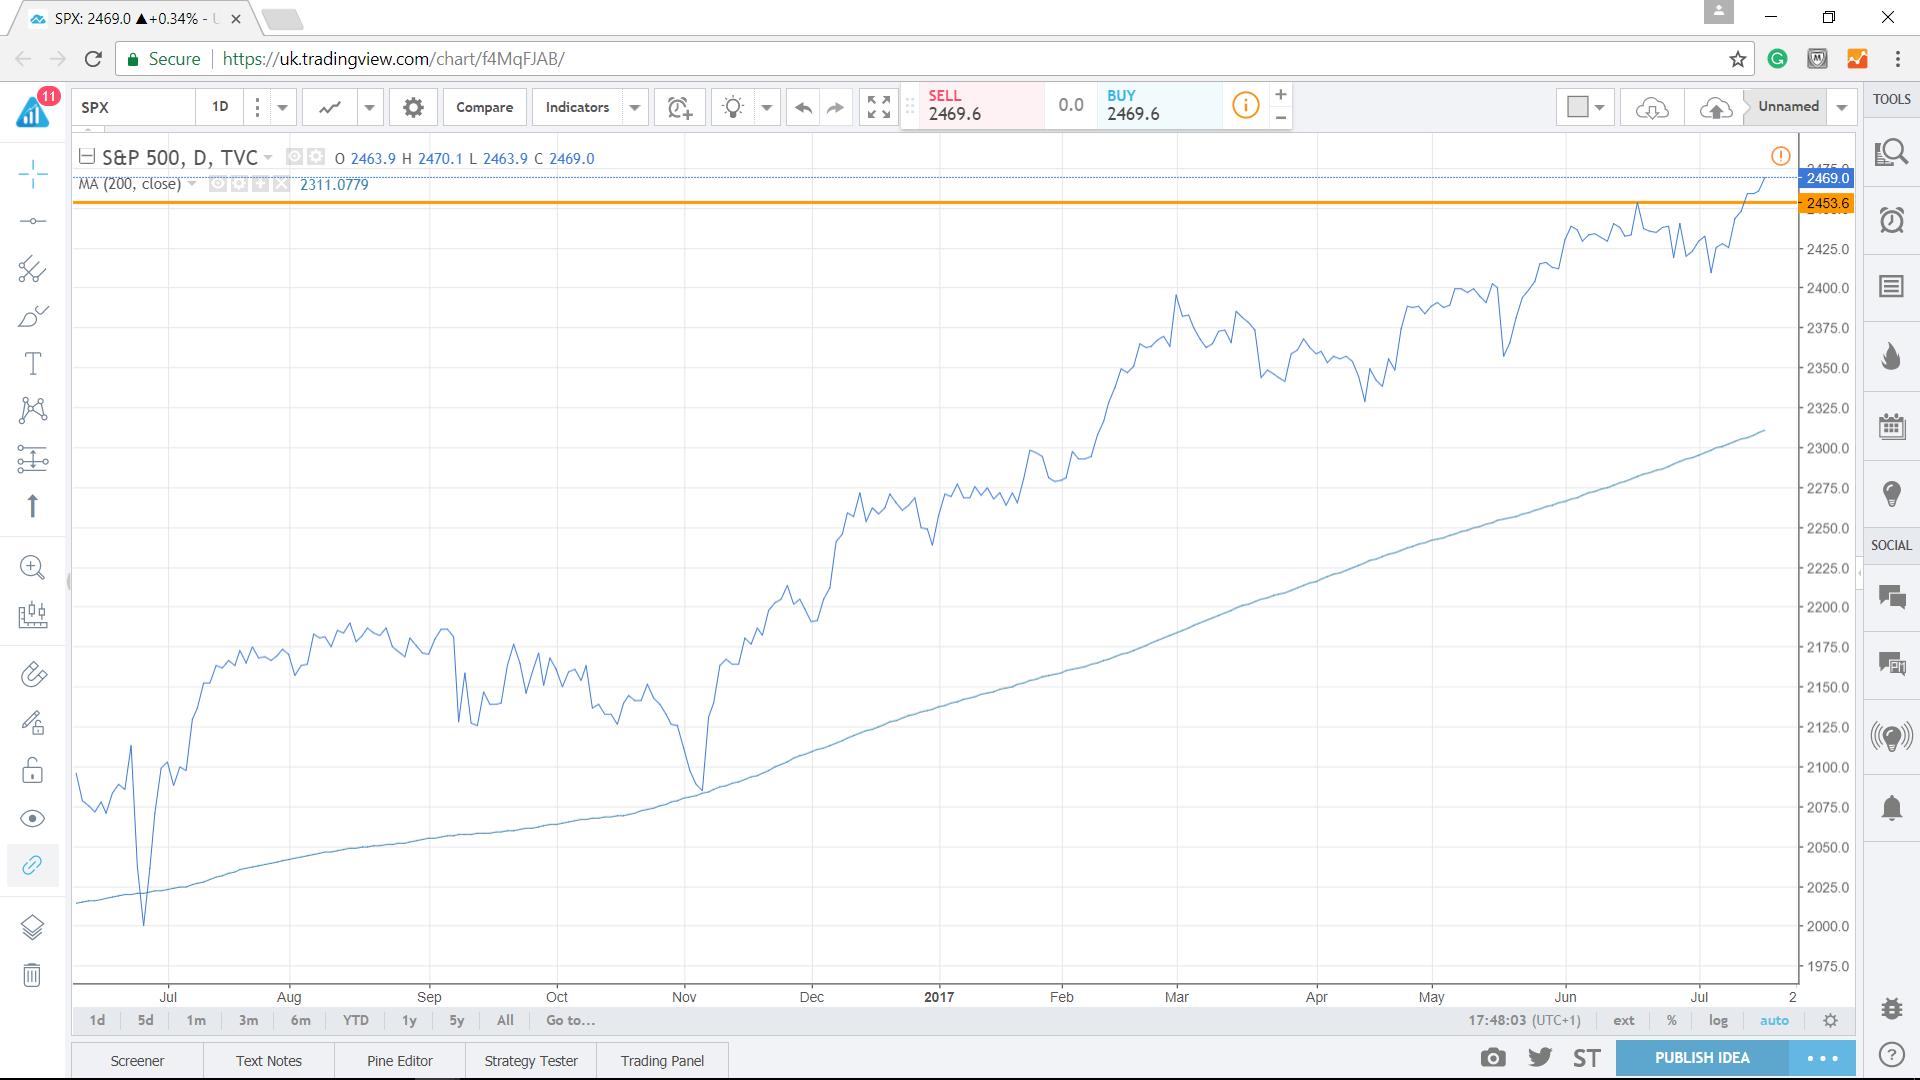 SPX, S&P 500 - Econ Alerts